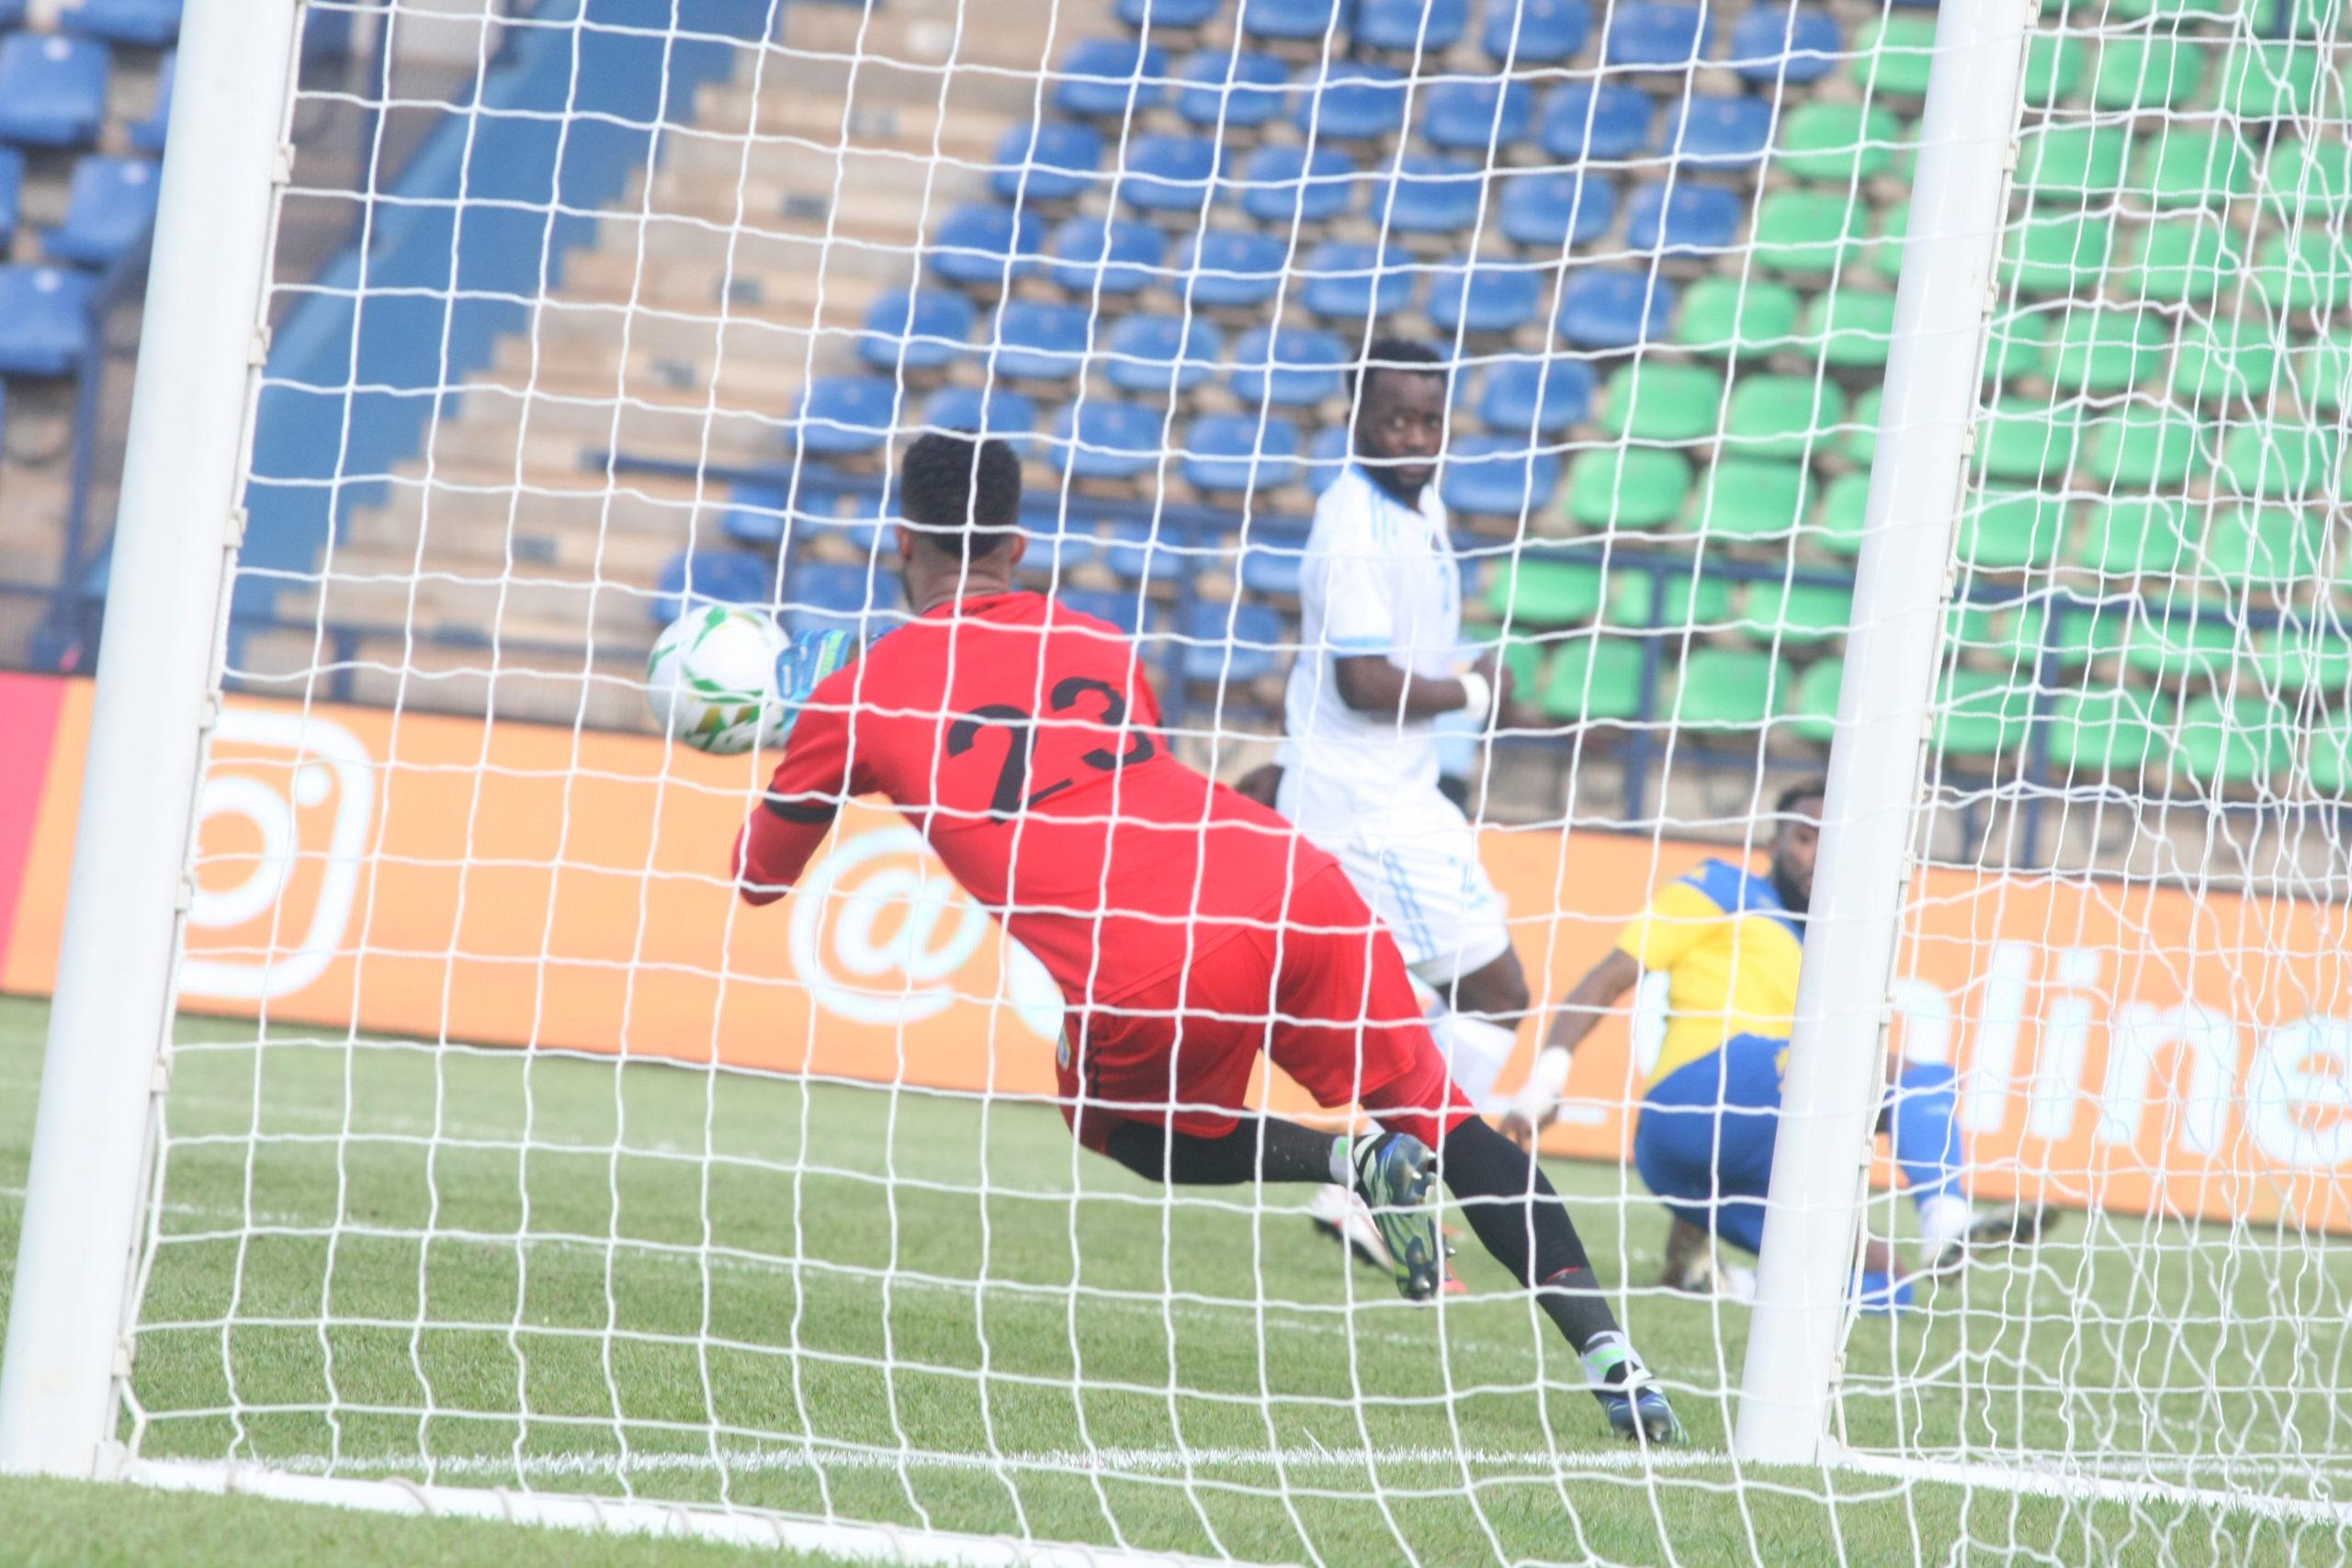 Match Gabon vs RDC 3-0 (Jeu 25.03.21 Stade de Franceville)